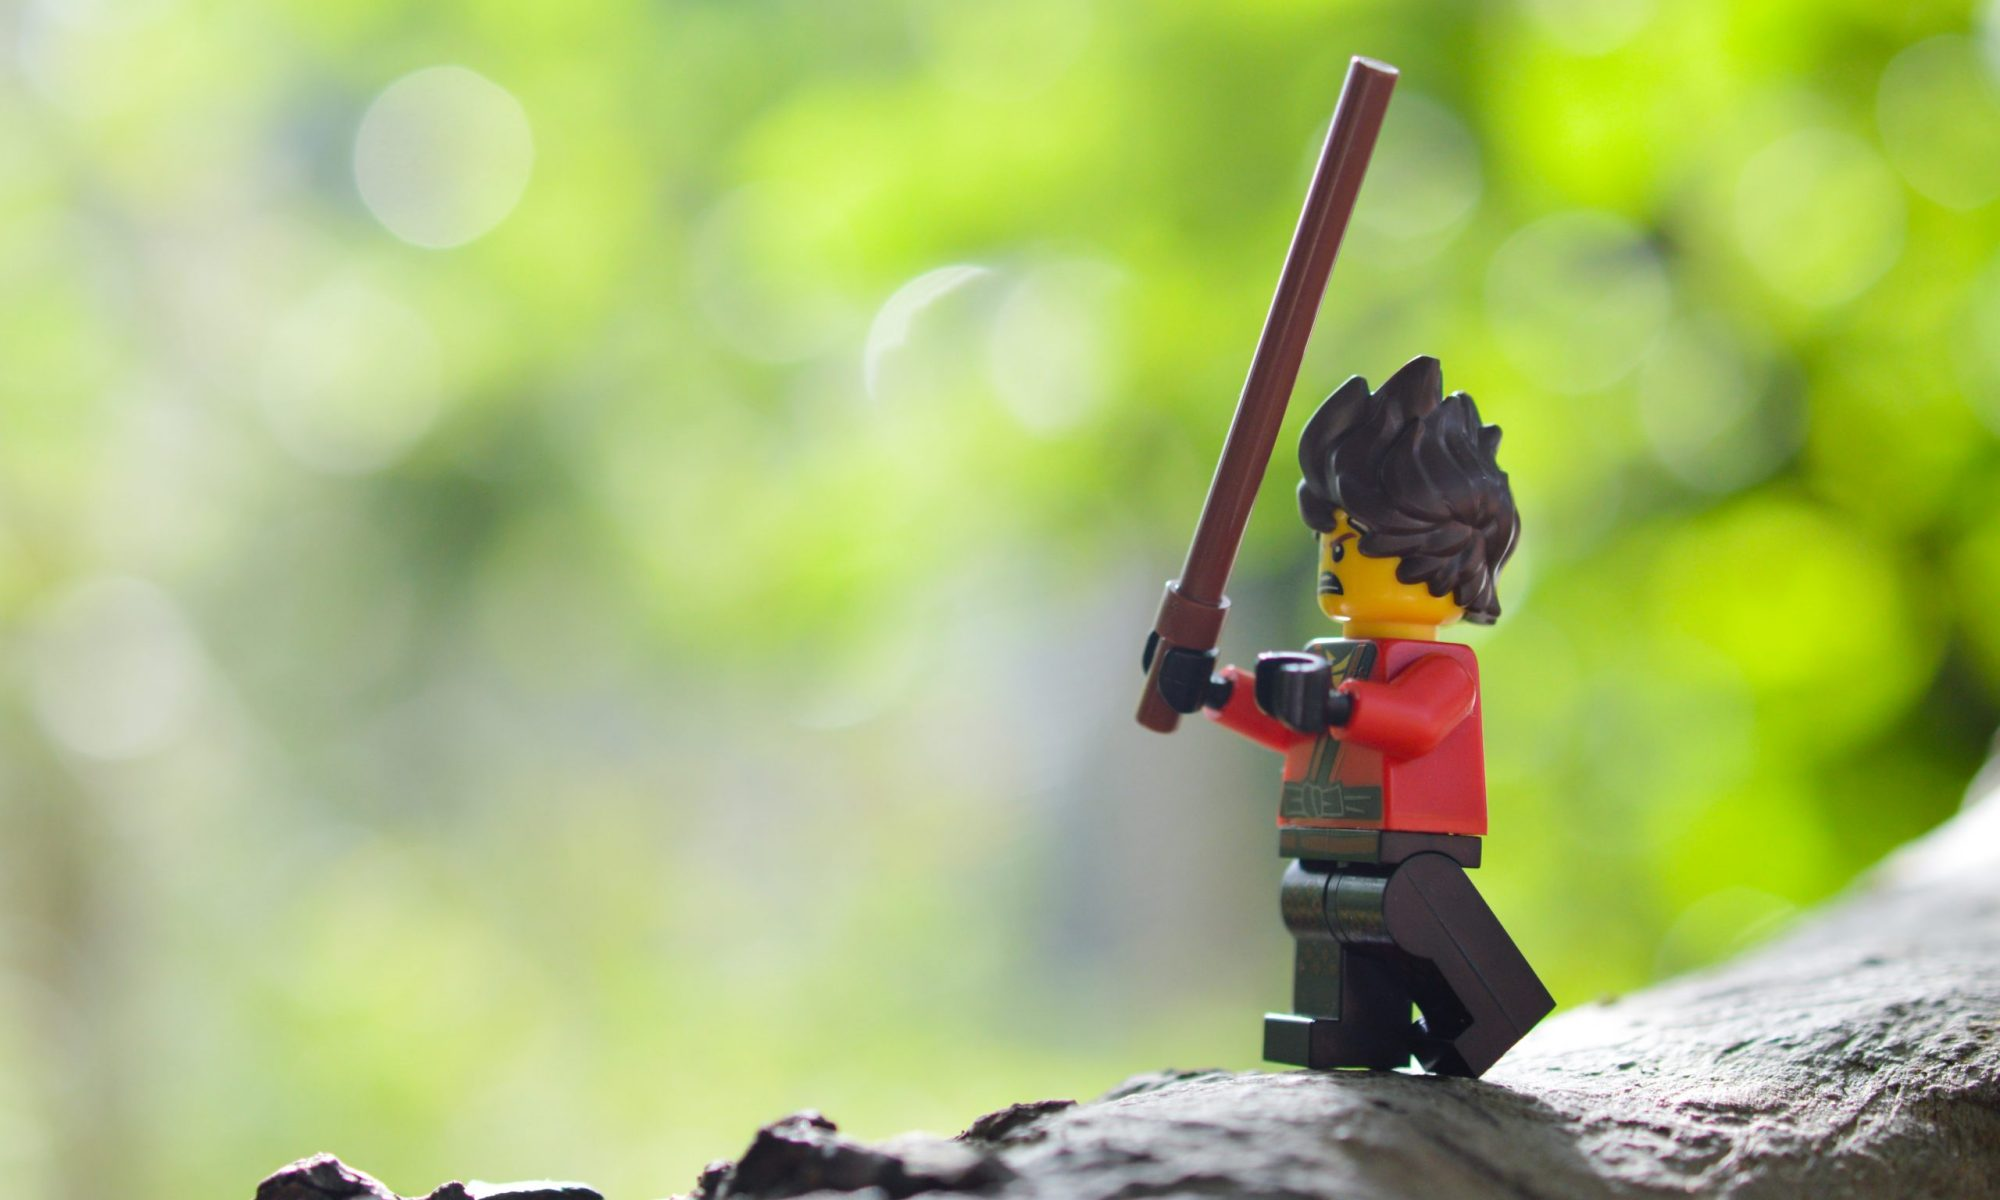 Kai doing Kendo in the garden